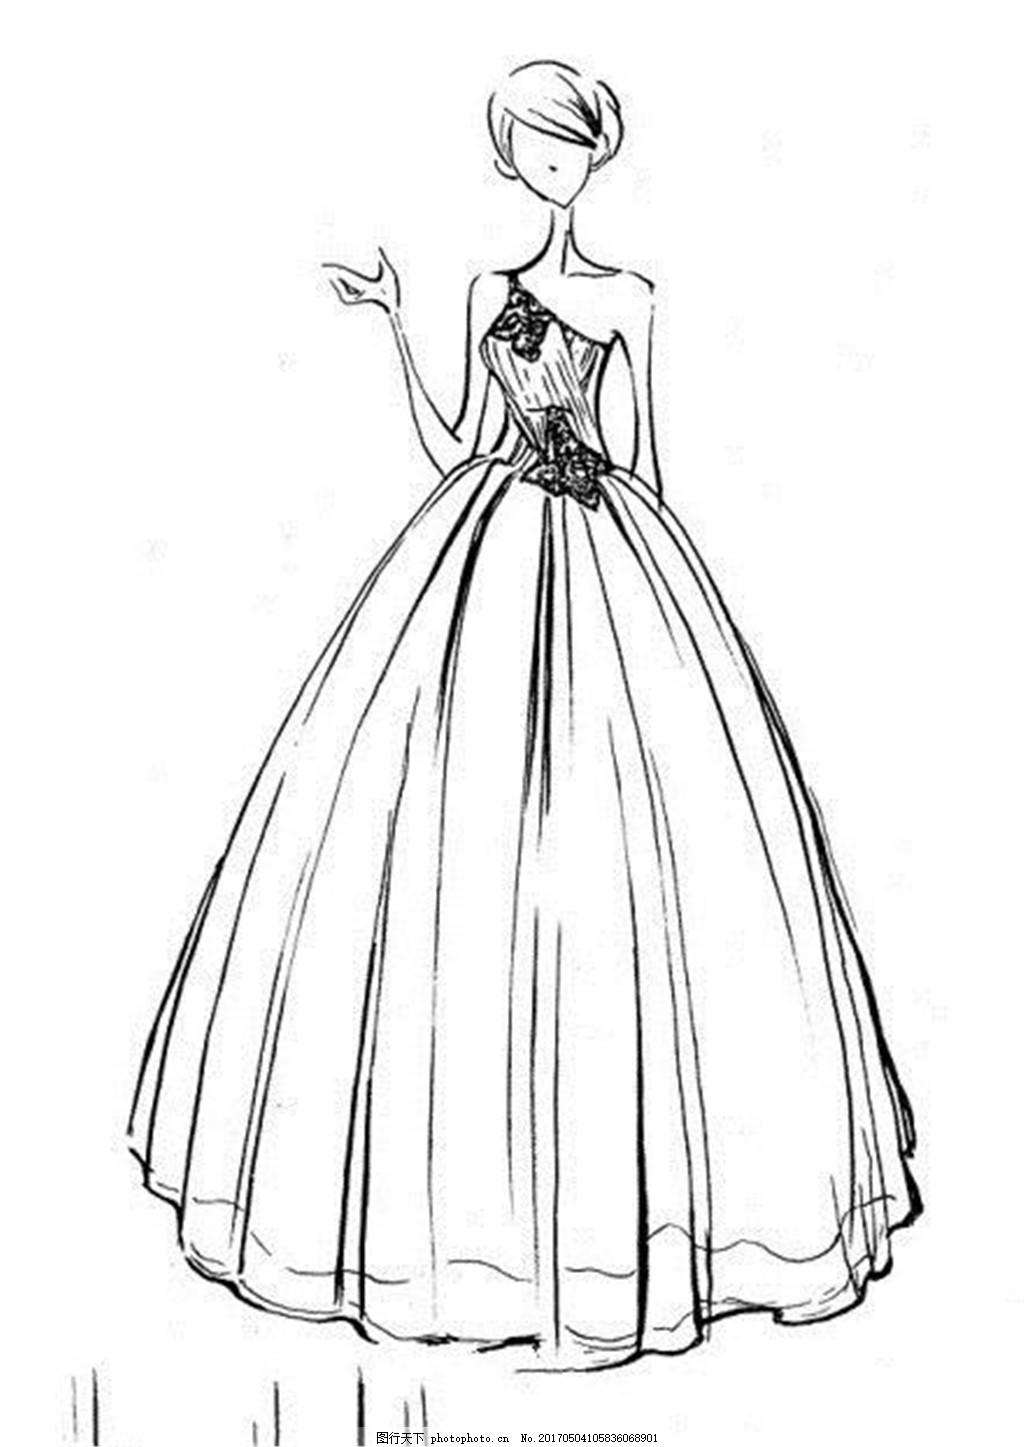 jpg 短裙 服装图片免费下载 女装设计 服装效果图 连衣裙 长裙 婚纱